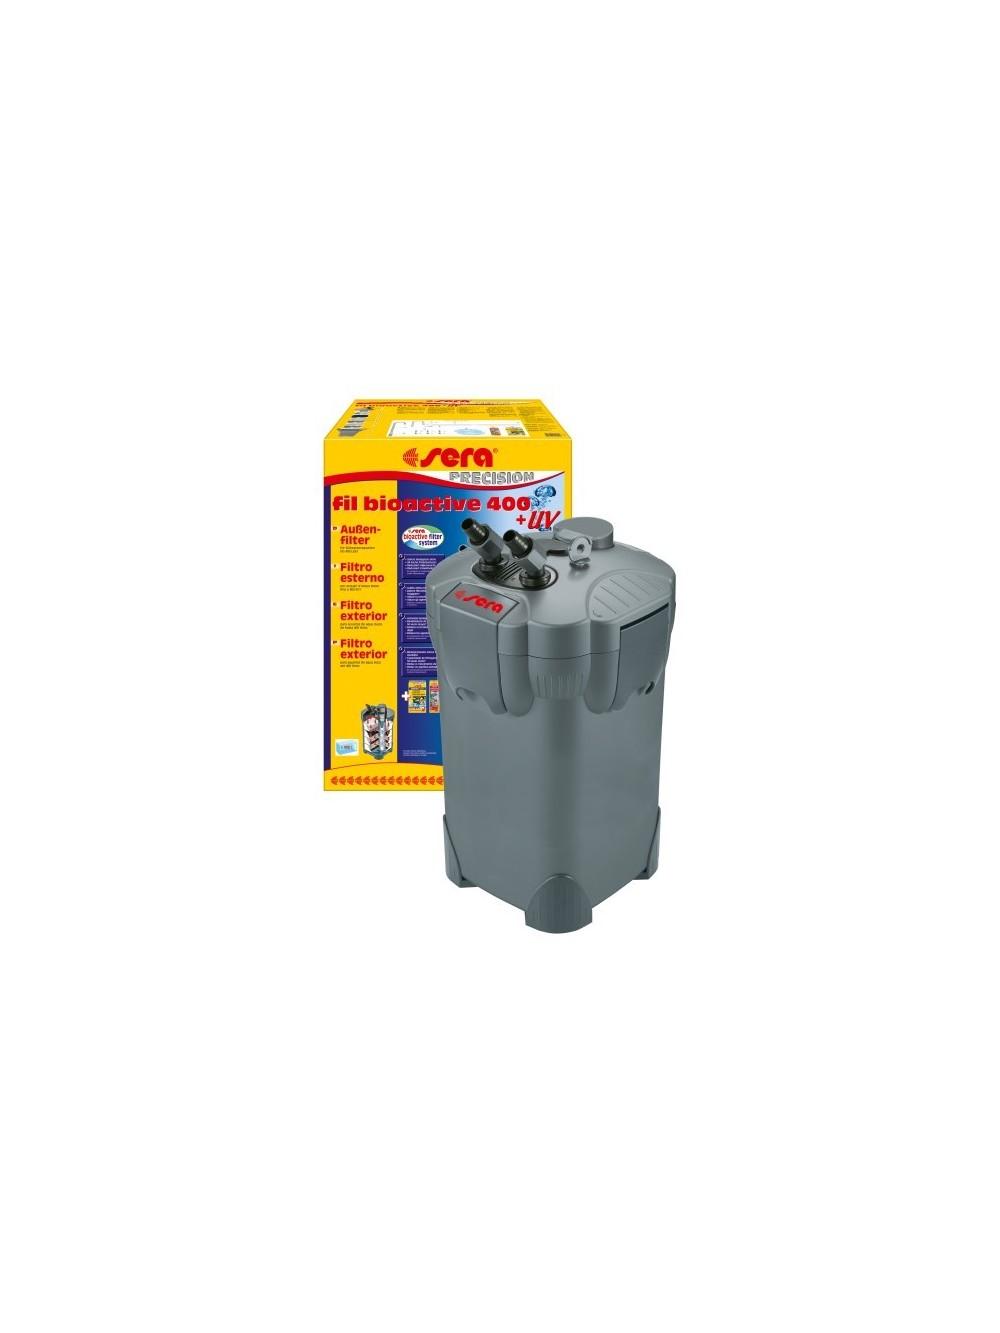 Sera fil bioactive 400 uv filtro esterno per acquari for Sera acquari